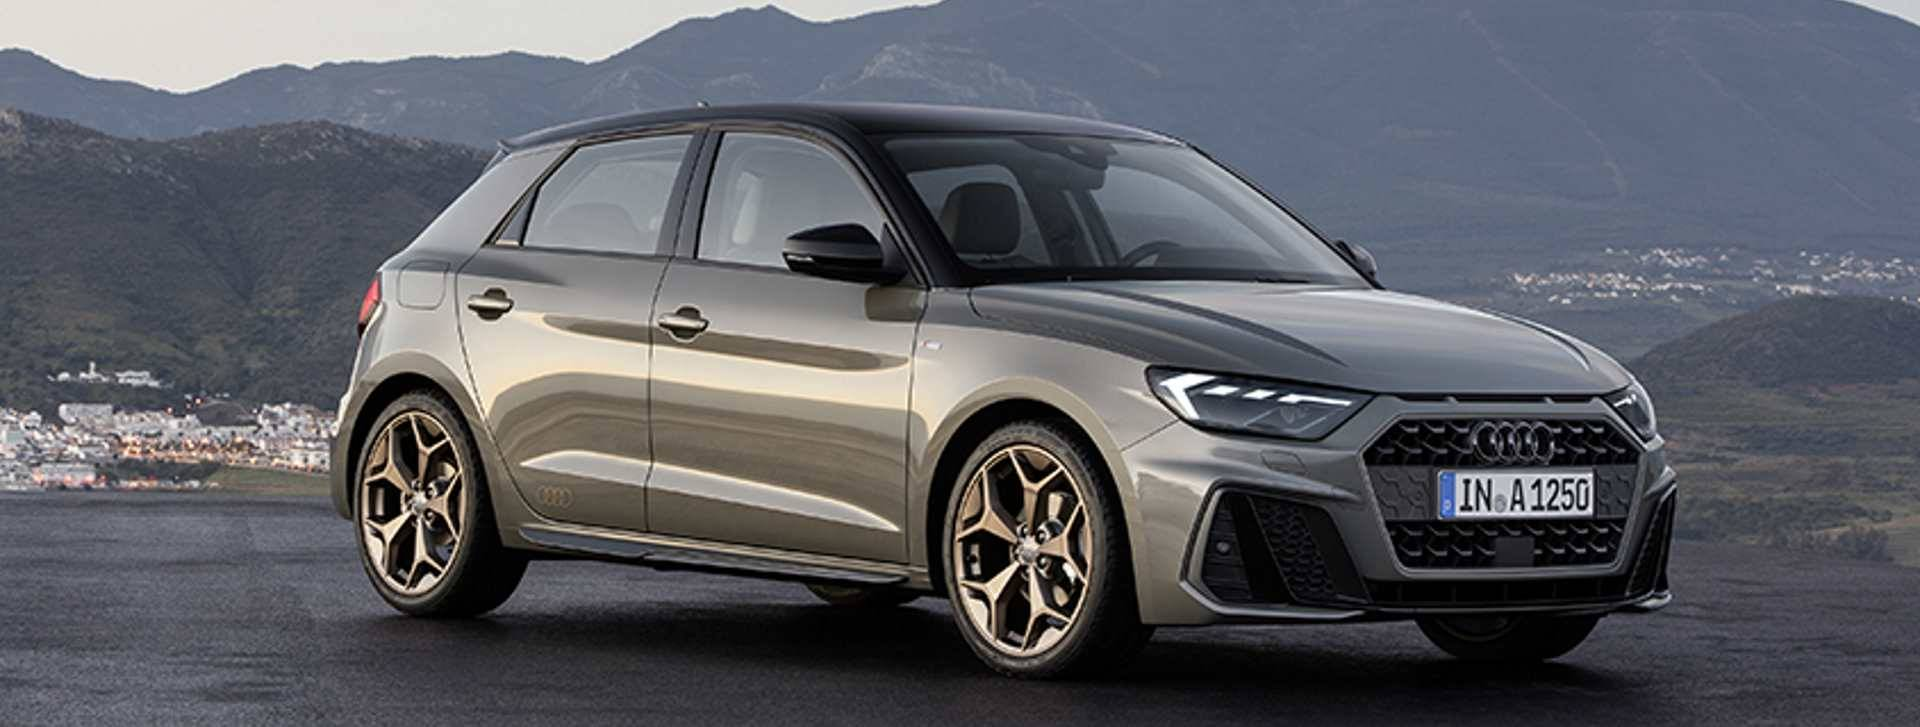 Nouvelle Audi A1 Sportback 5 portes